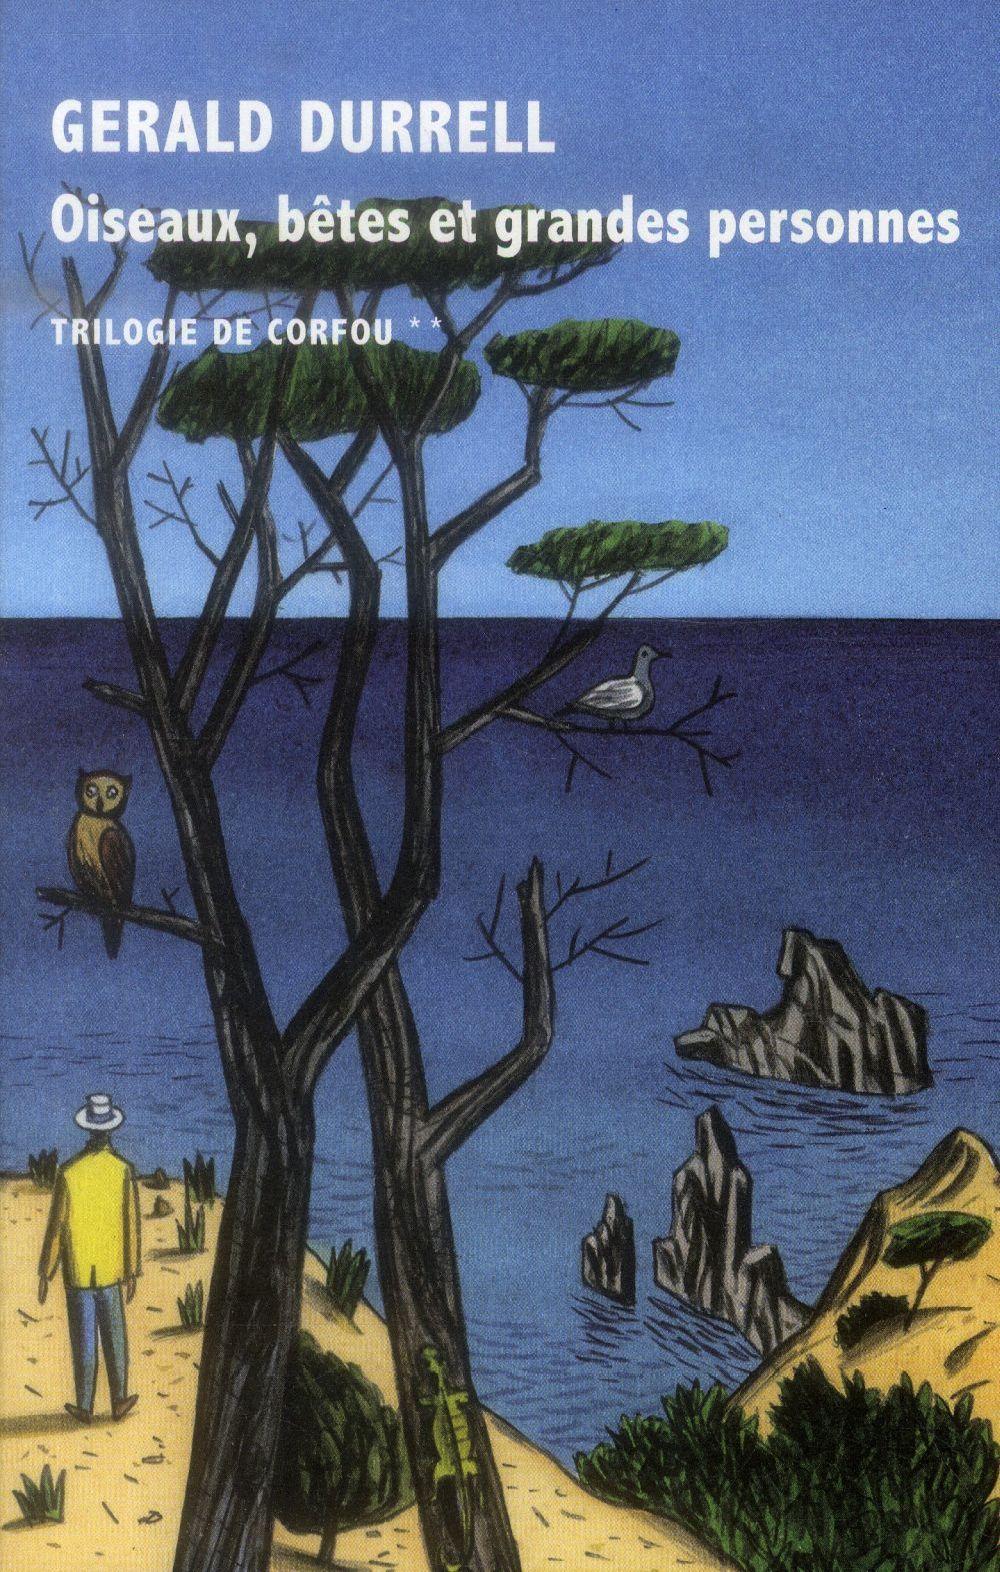 TRILOGIE DE CORFOU, II : OISEA DURRELL GERALD TABLE RONDE